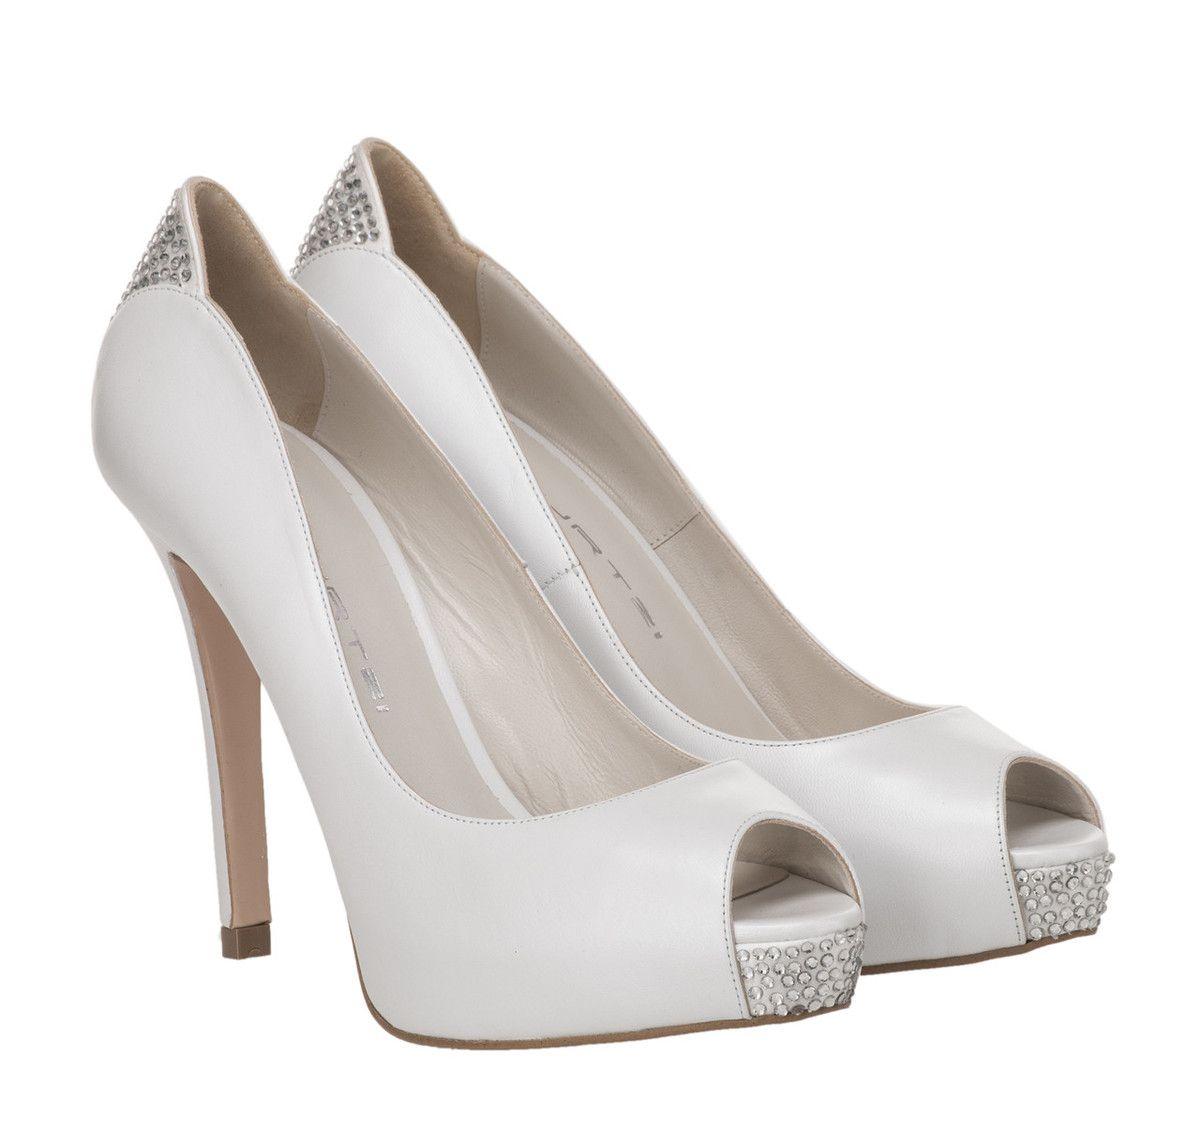 d1d622221ff ΝΥΦΙΚΑ ΠΑΠΟΥΤΣΙΑ ΓΟΒΕΣ MOURTZI (WHITE) | Perfect Bridal Shoes ...